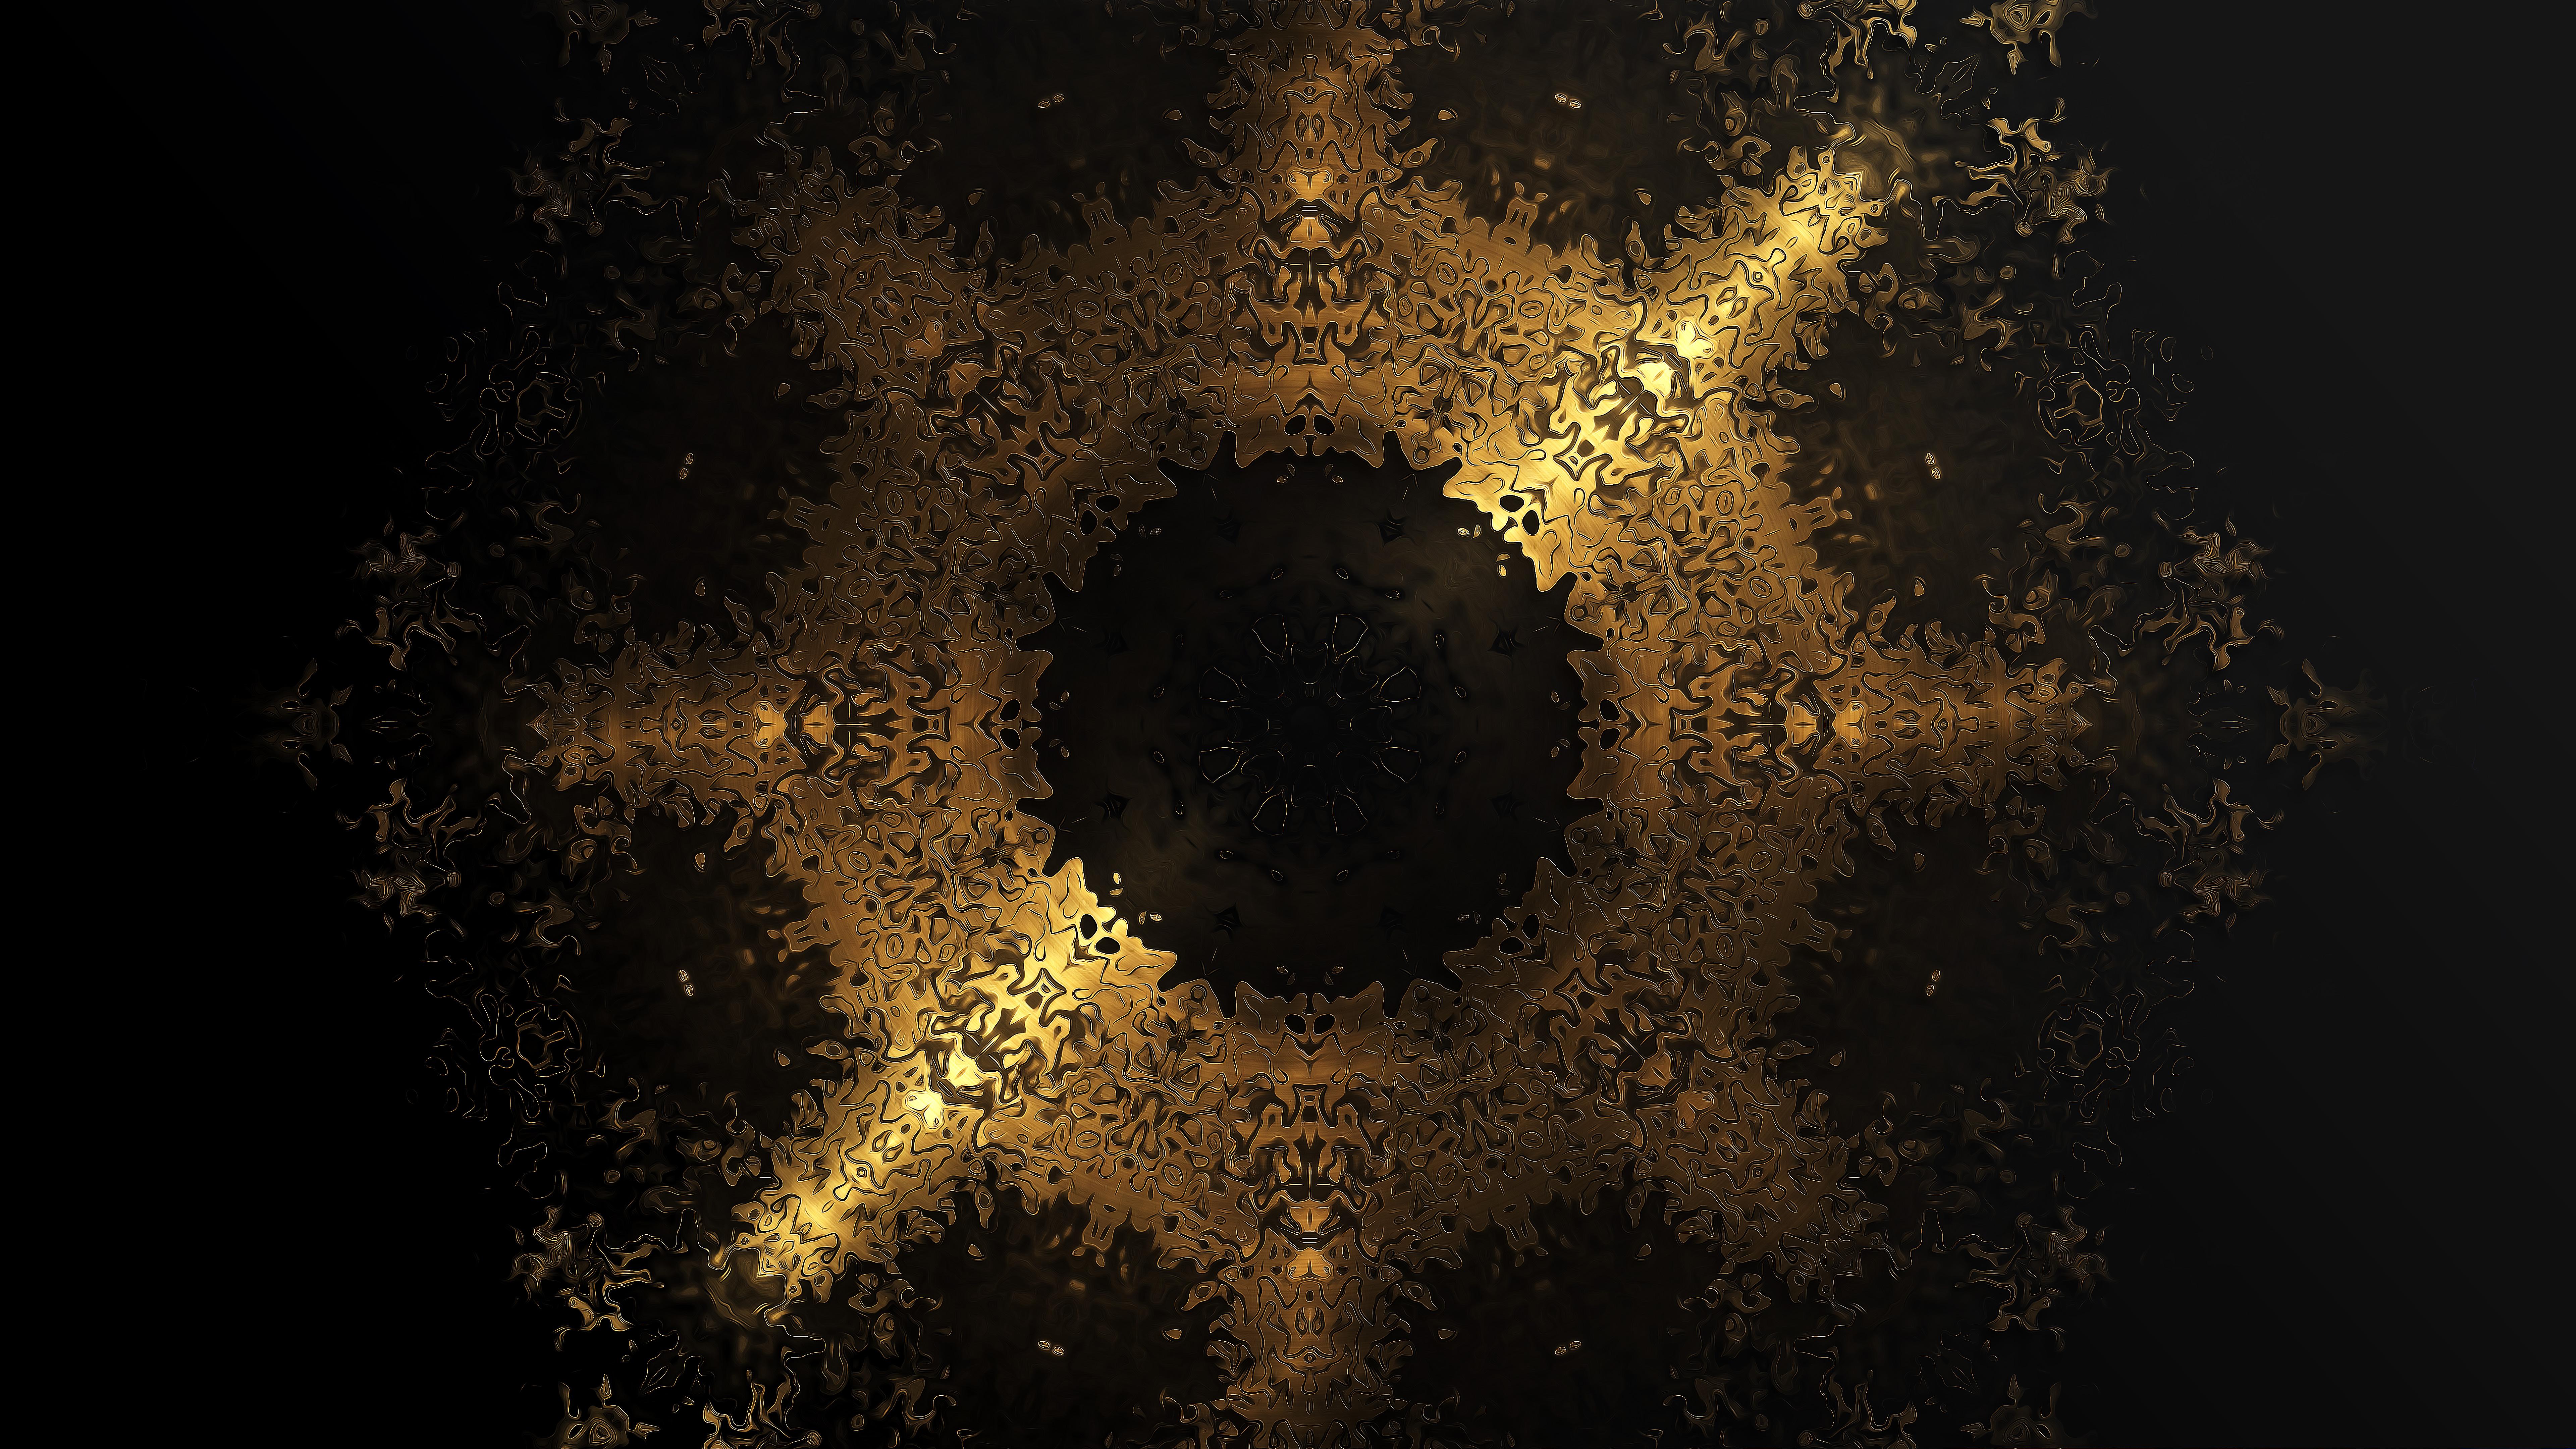 gold materials 4k 1620165546 - Gold Materials 4k - Gold Materials 4k wallpapers